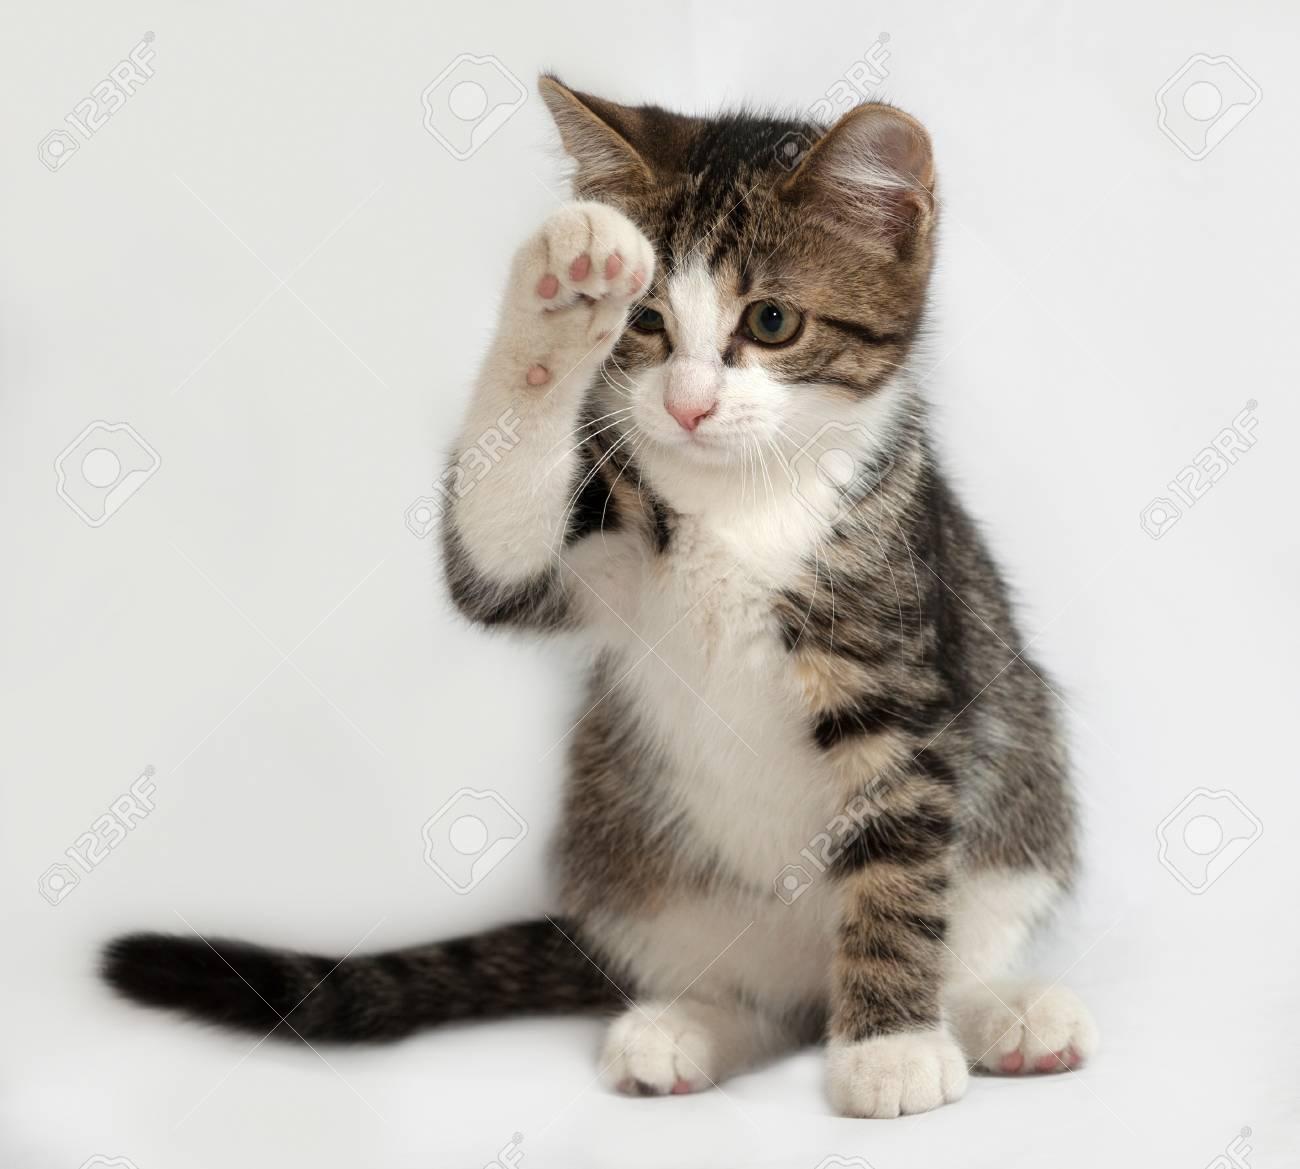 raye et chaton blanc assis sur fond gris banque d images et photos libres de droits image 41621578